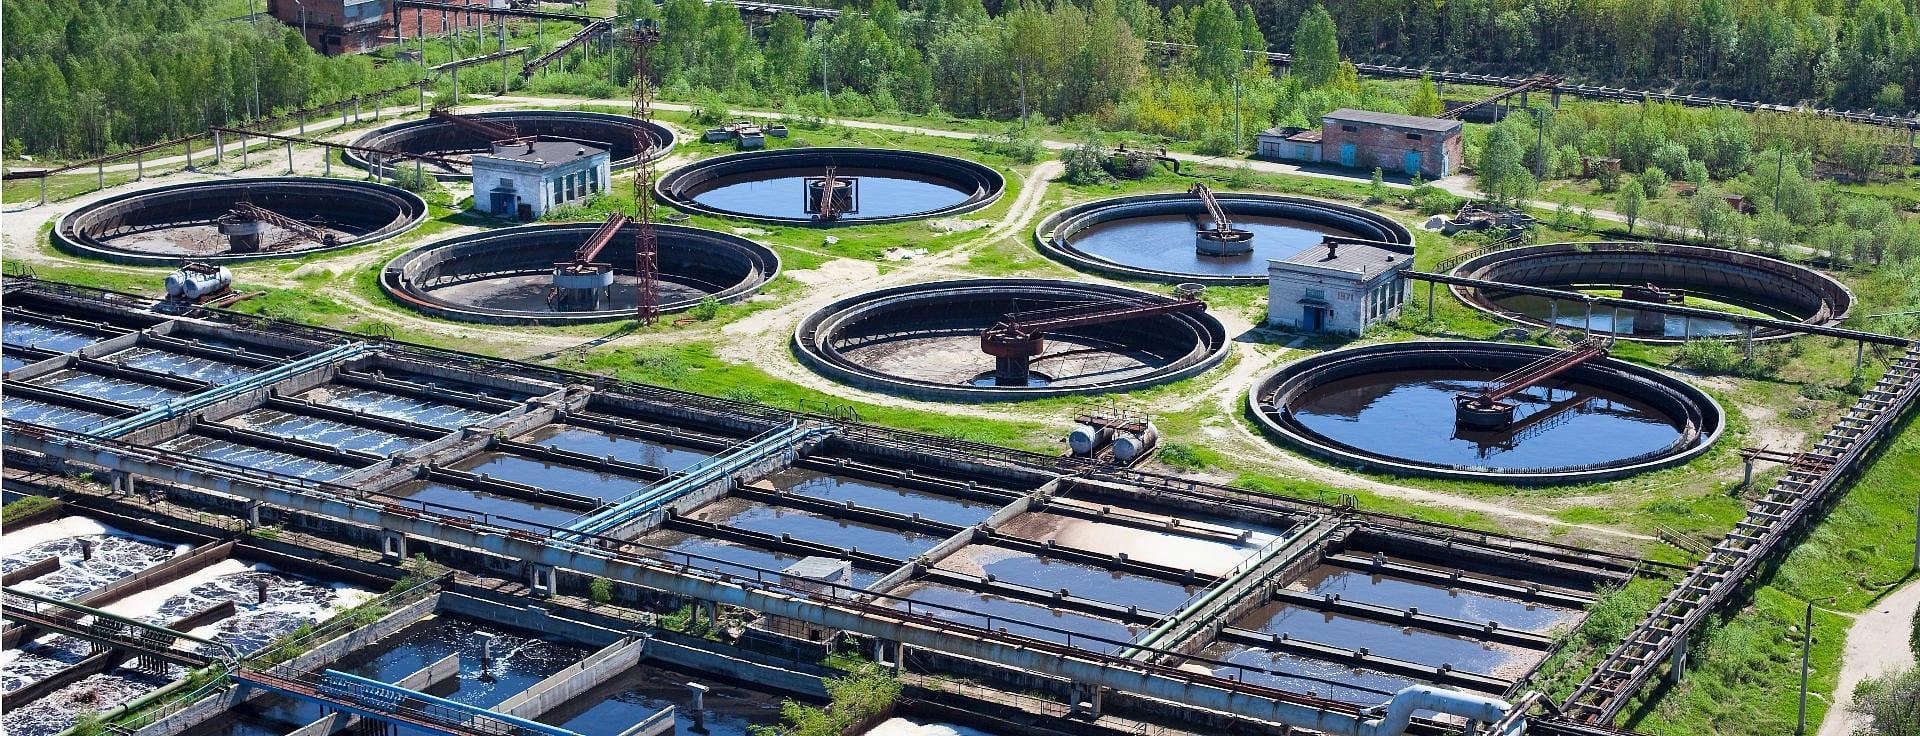 Очистные сооружения выводят из сточных вод лишь половину лекарственных препаратов